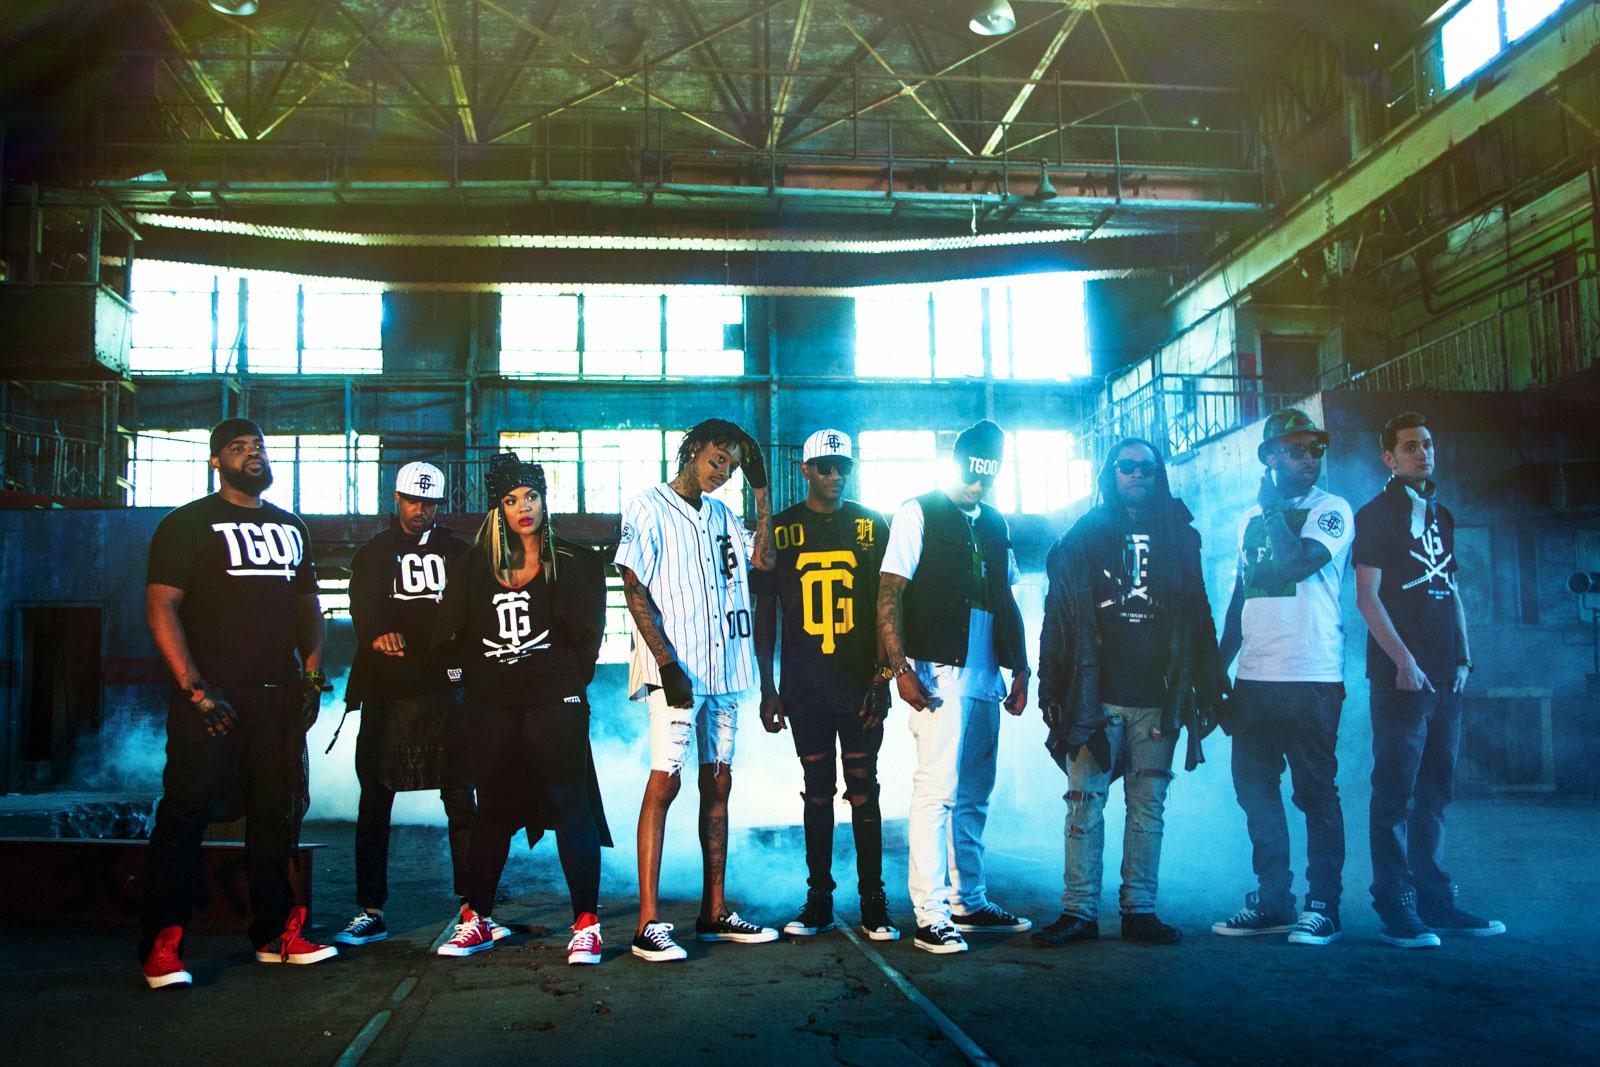 Wiz Khalifa and the Taylor Gang